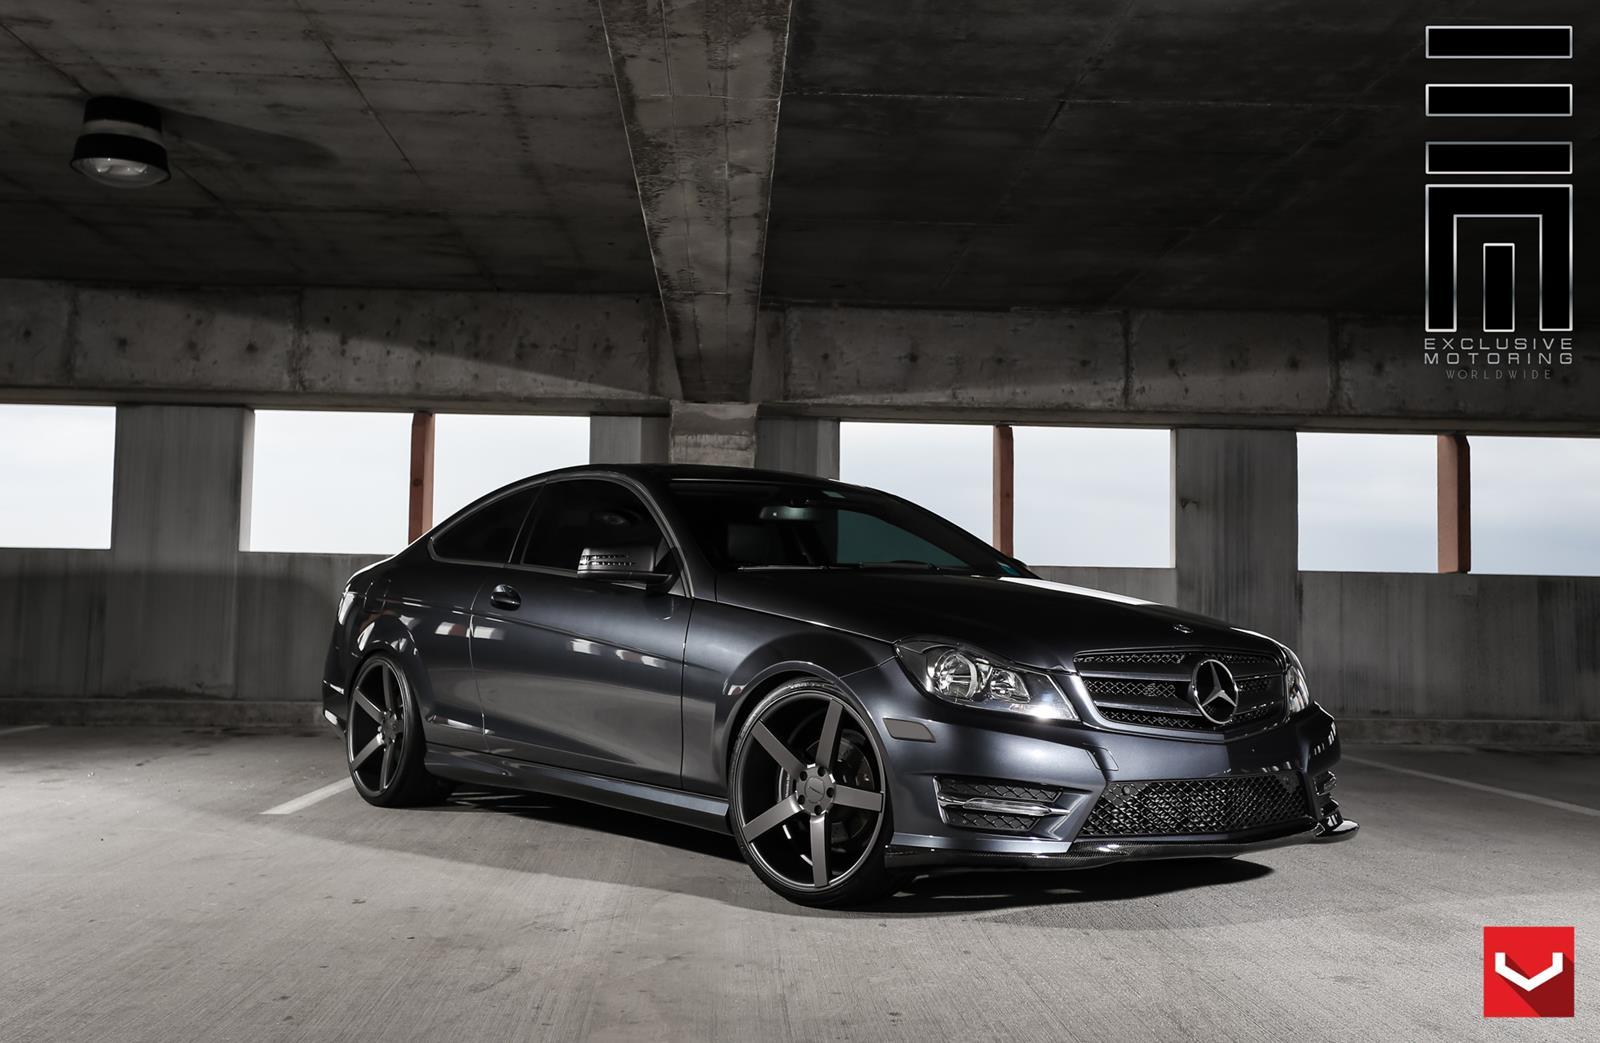 Mercedes benz c class vossen cv3r vossen wheels for Mercedes benz c class rims